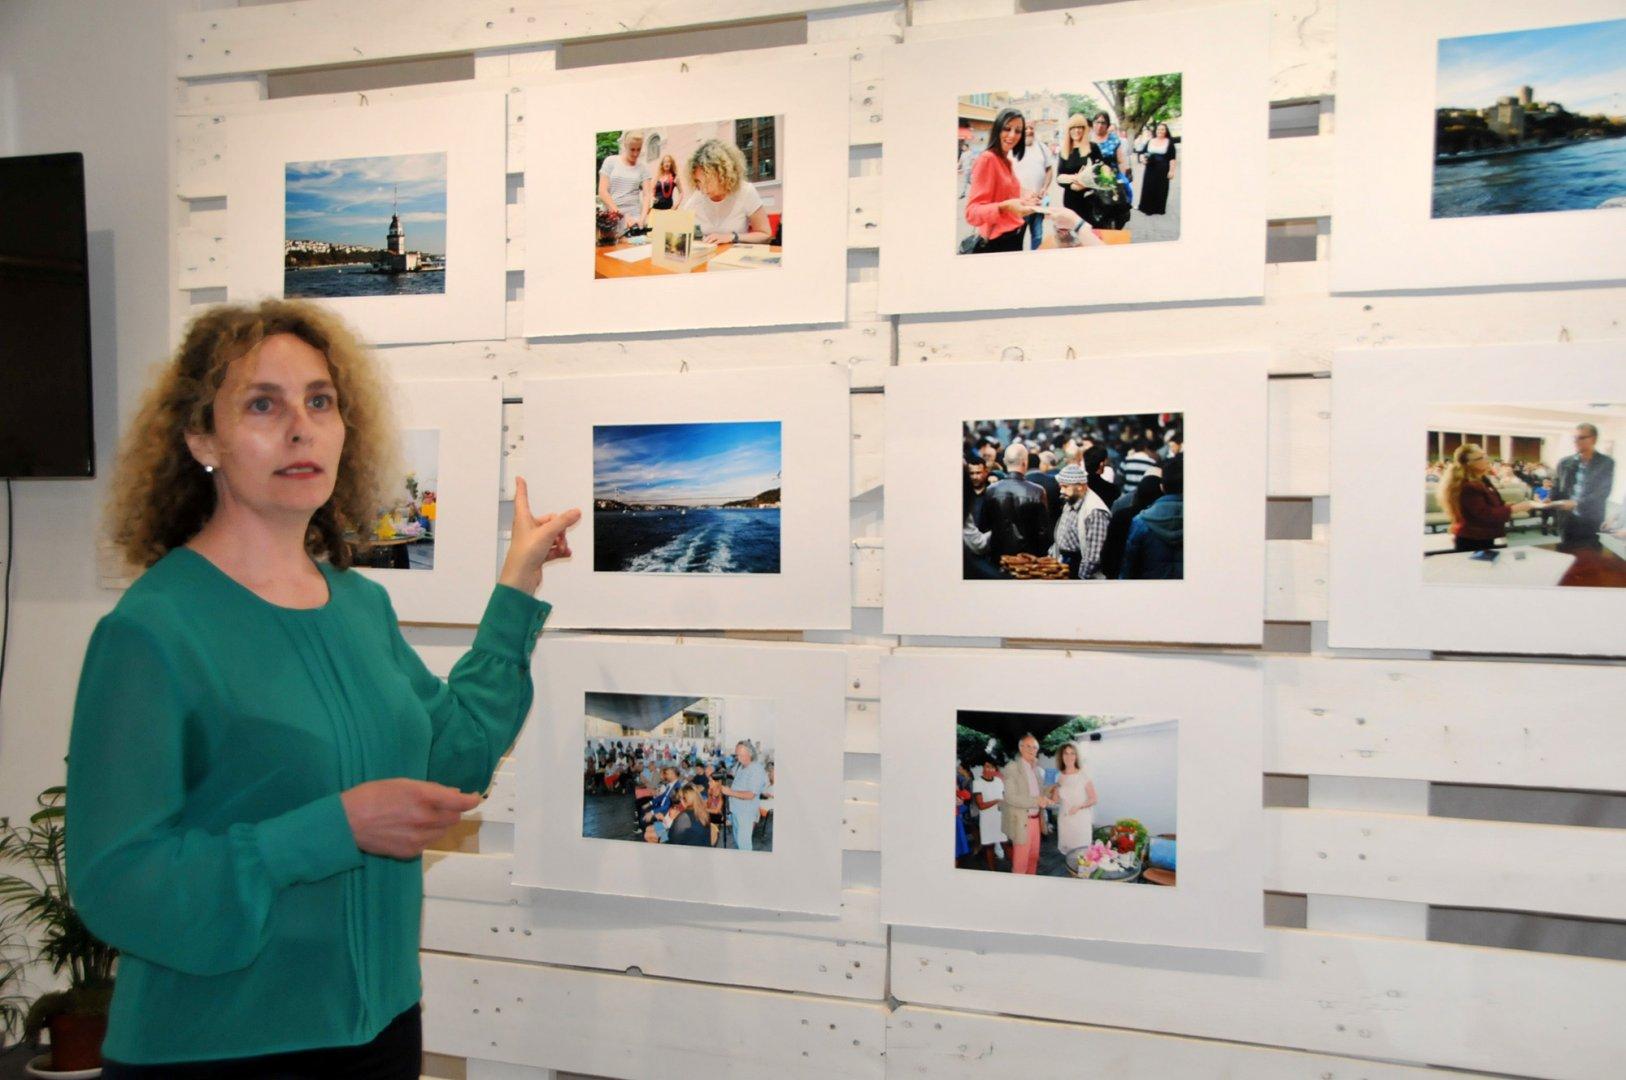 Десислава Георгиева разказа в снимки историята за написването на Време без думи. Снимки Лина Главинова